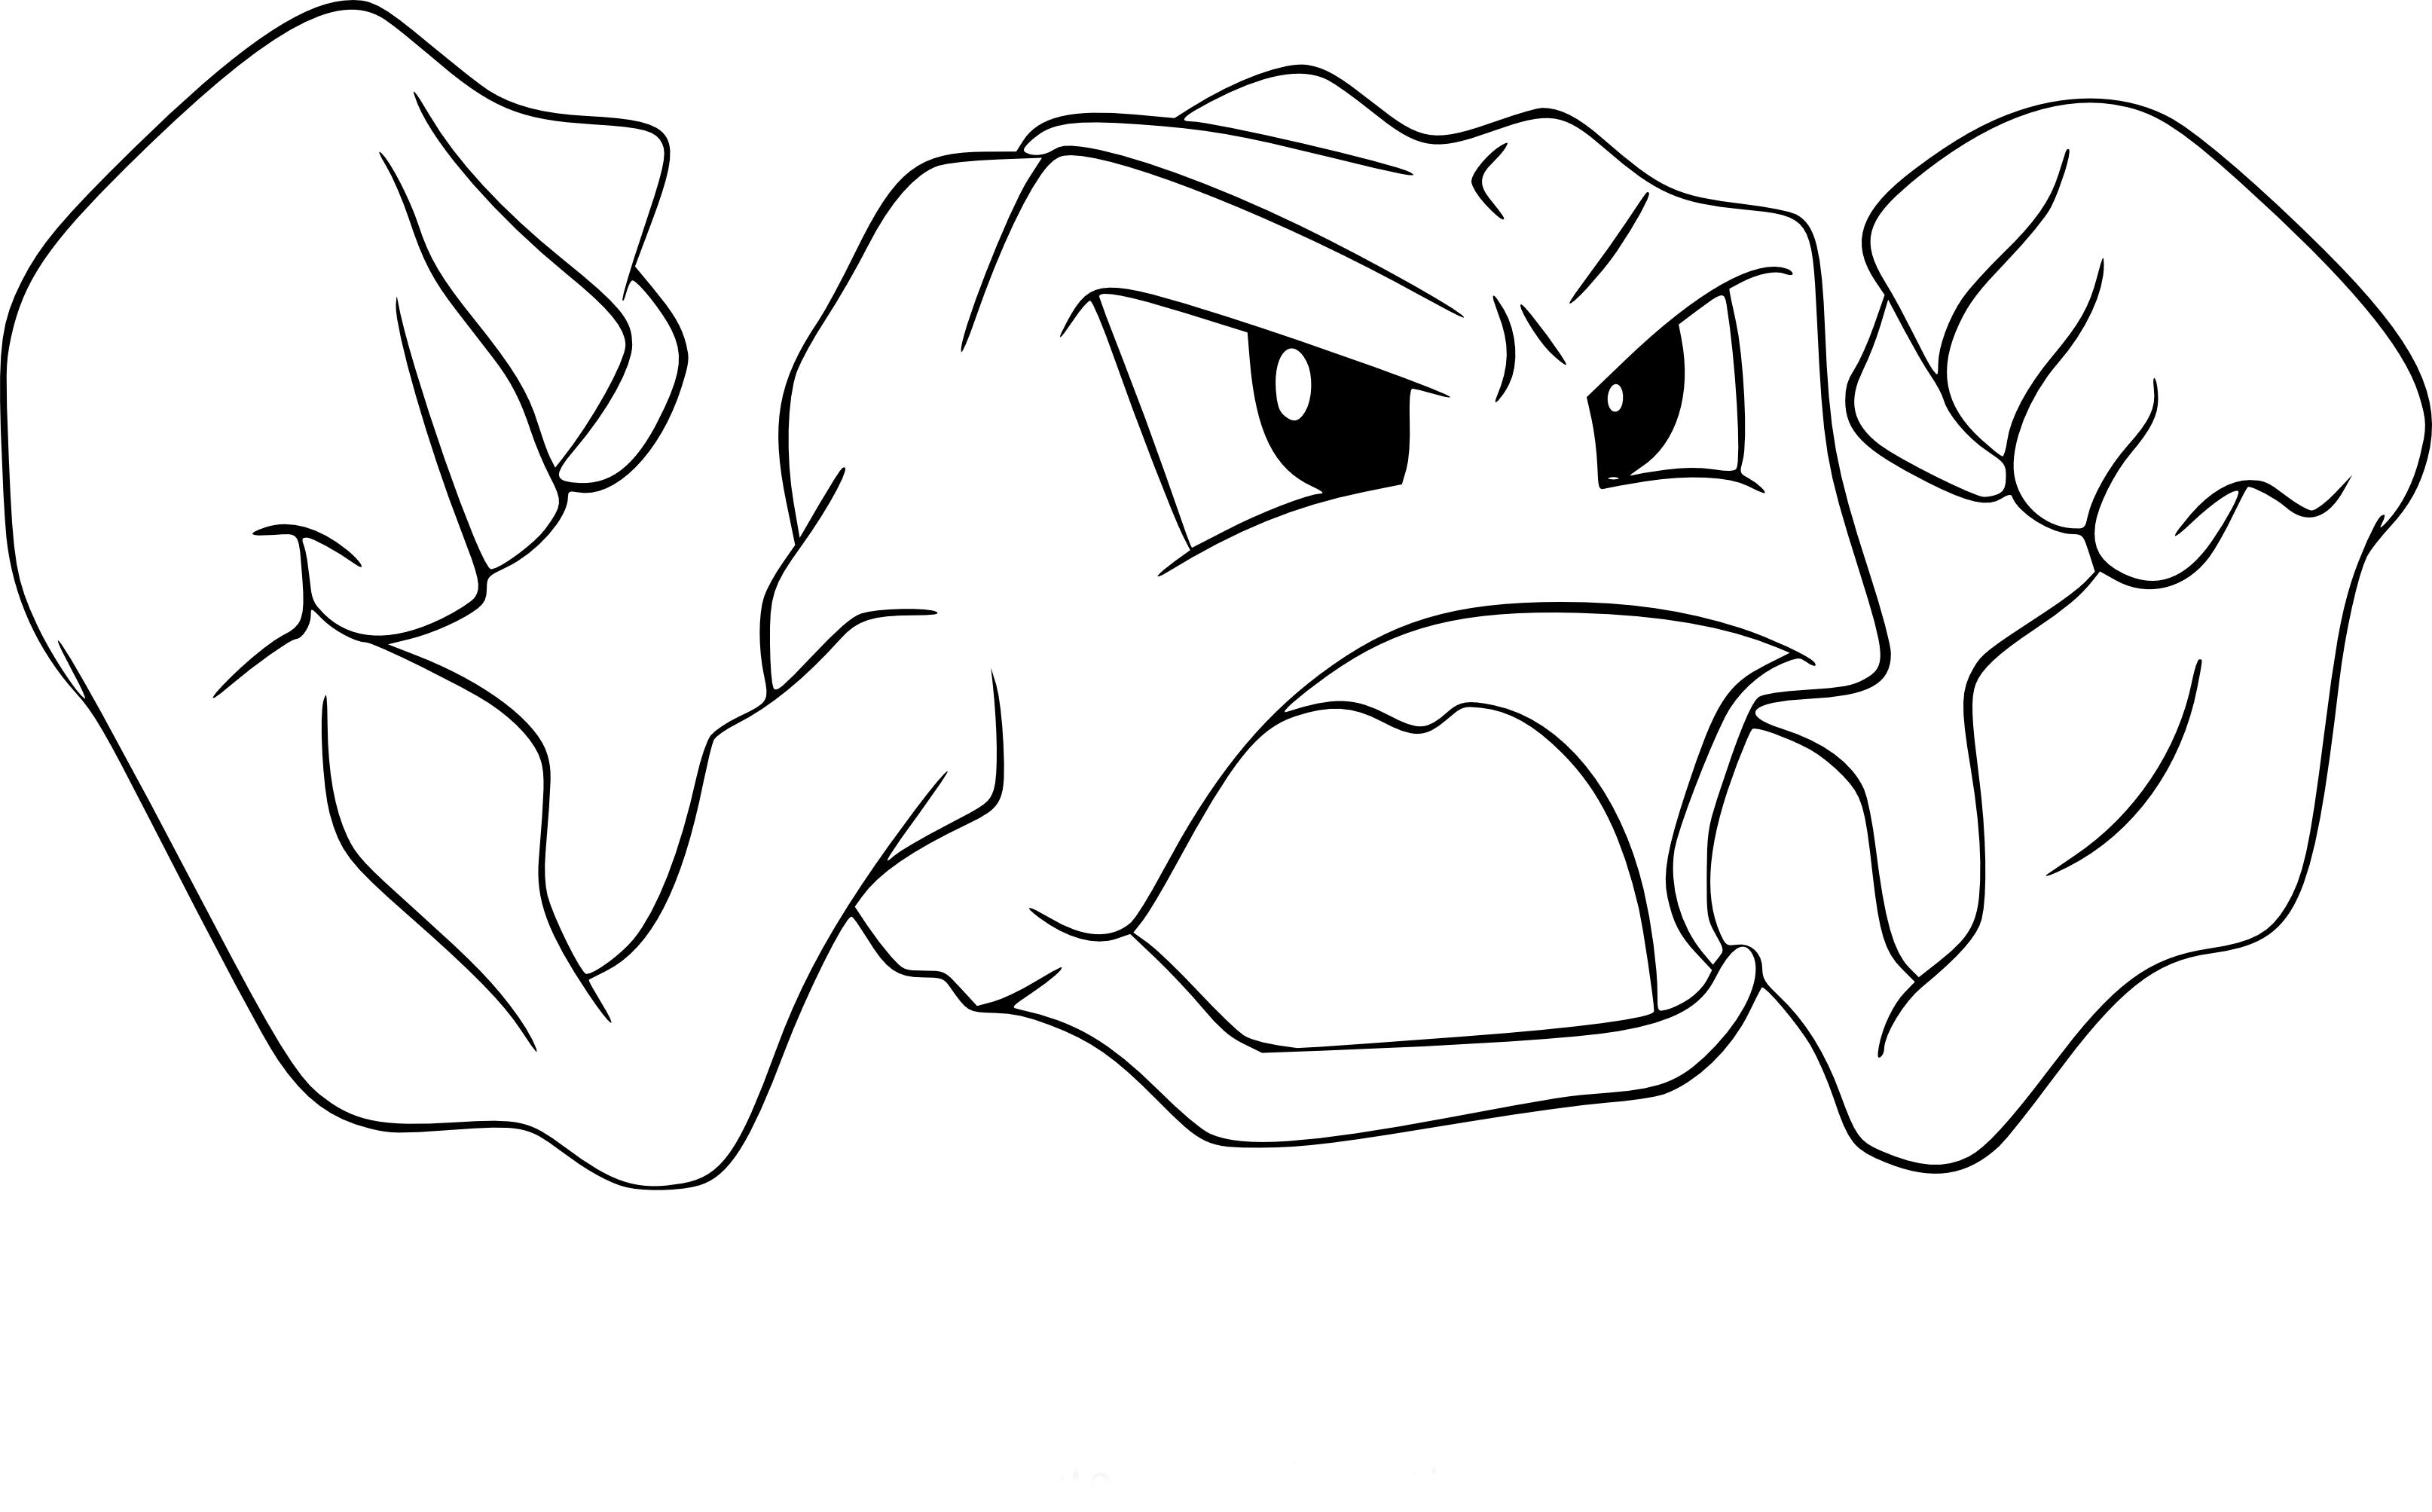 Coloriage racaillou pokemon imprimer - Dessin de pokemon facile ...